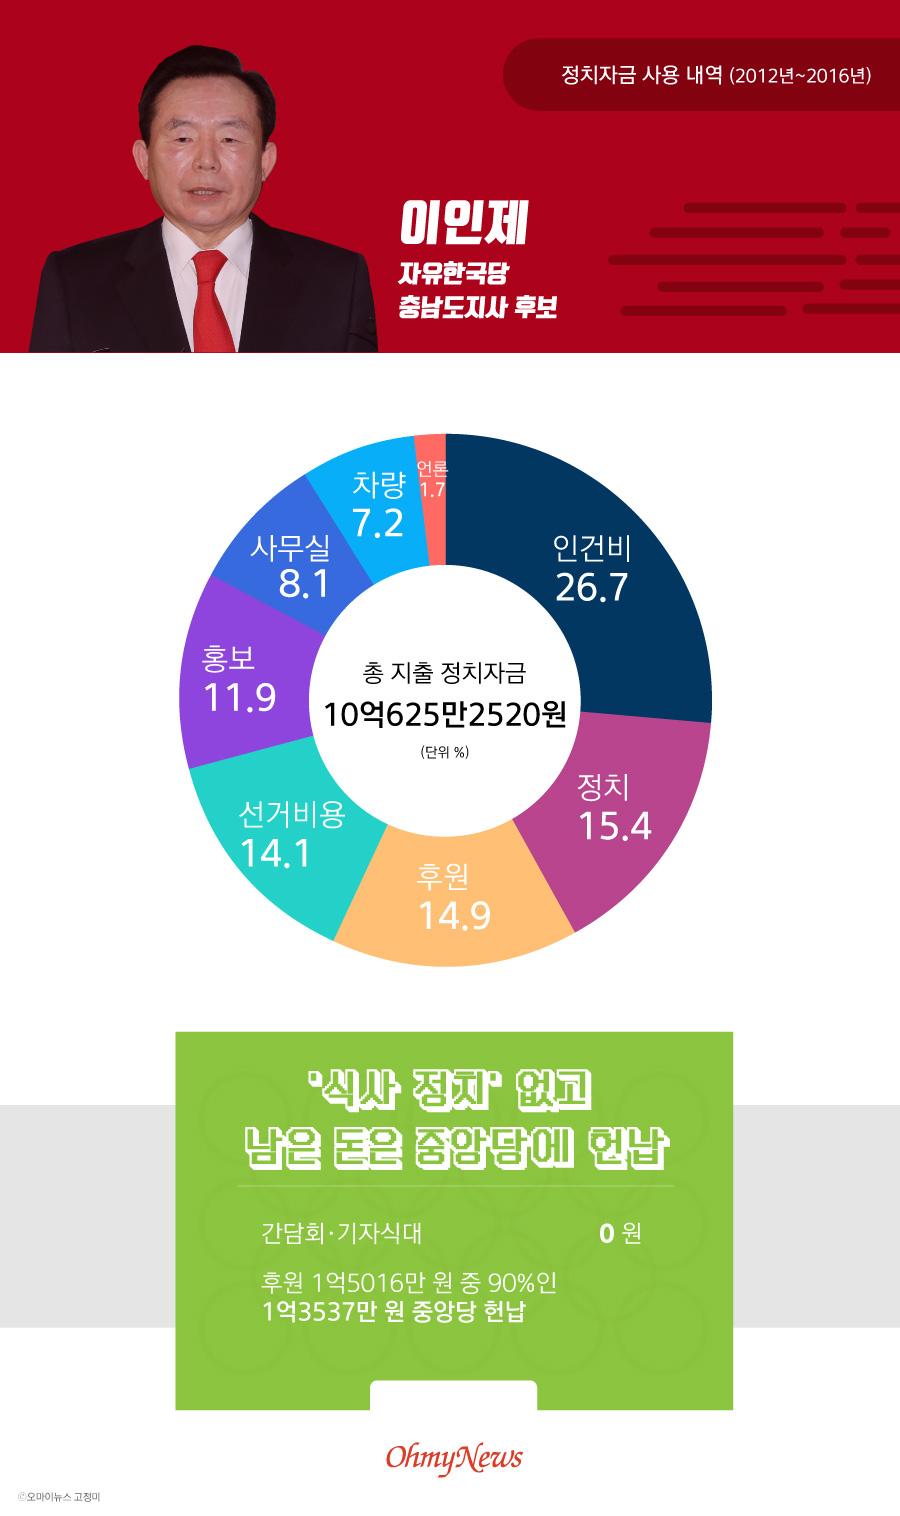 6.13 지방선거 이인제 자유한국당 충남도지사 후보 정치자금 사용 내역